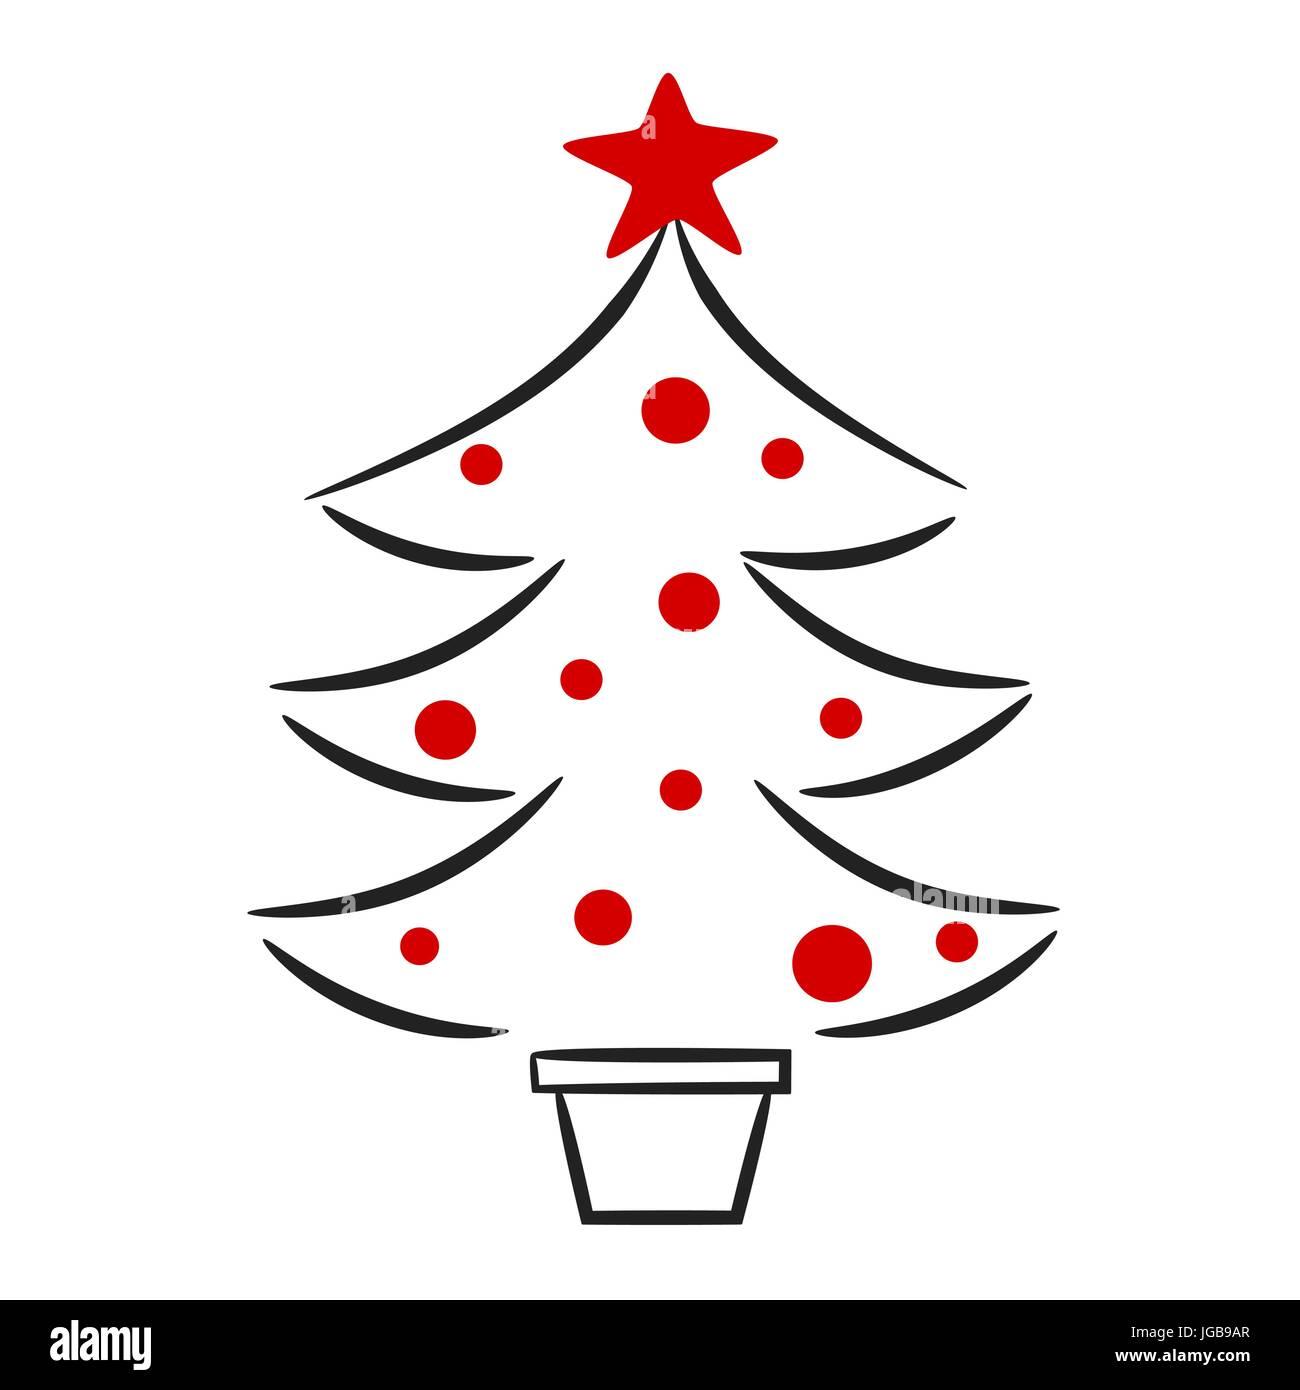 Weihnachtsbaum Schwarz Weiß.Süße Hand Gezeichnet Schwarz Weiss Rot Weihnachtsbaum Linear Vector